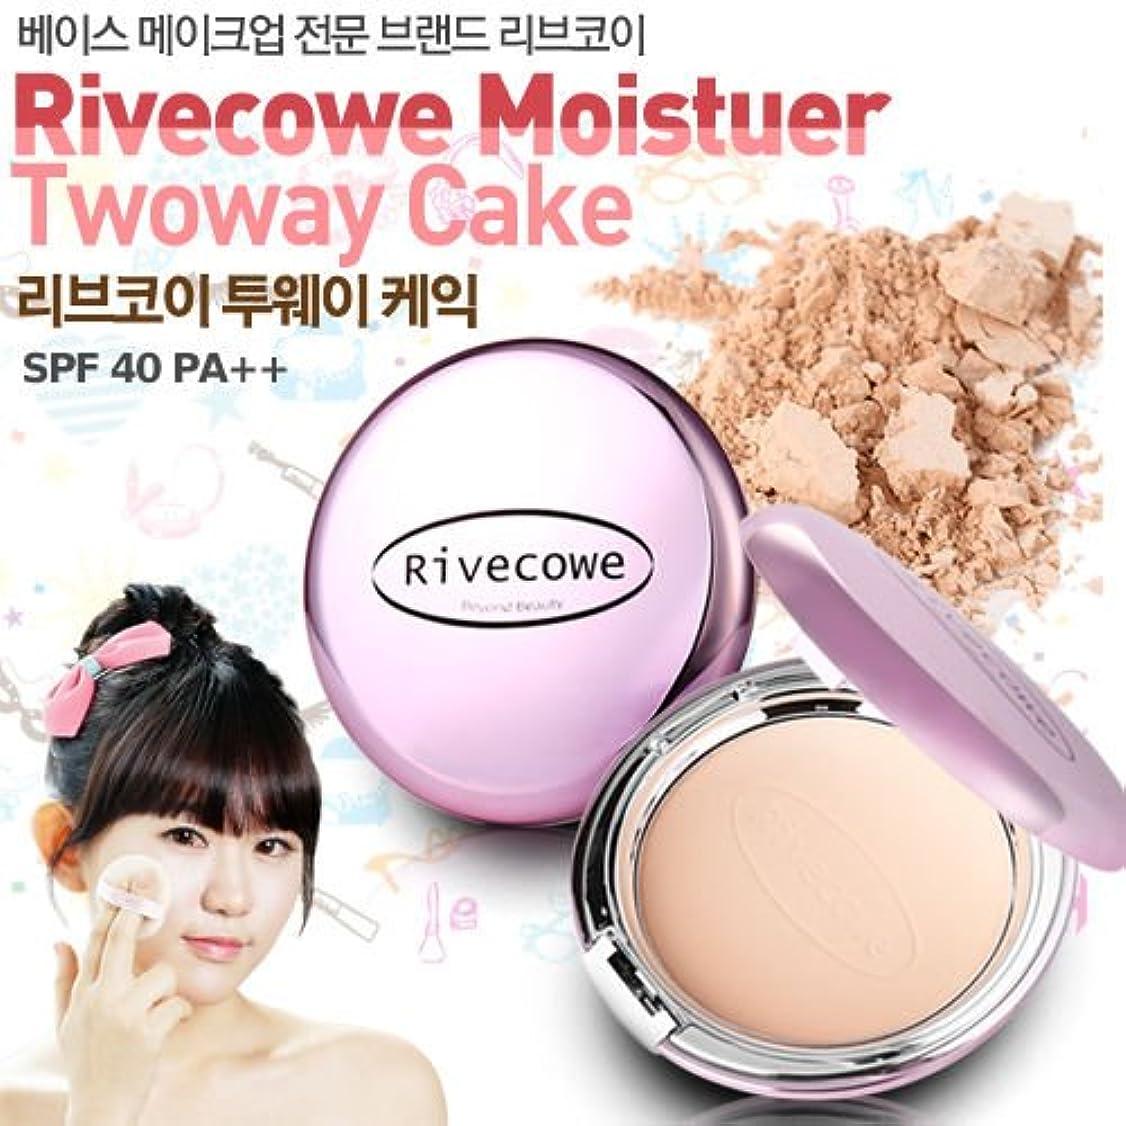 あいまいさ特派員フランクワースリーRivecowe Moisture Twoway Cake (Foundation + Powder) SPF40PA++ 12g (No. 21 Natural Beige) [並行輸入品]